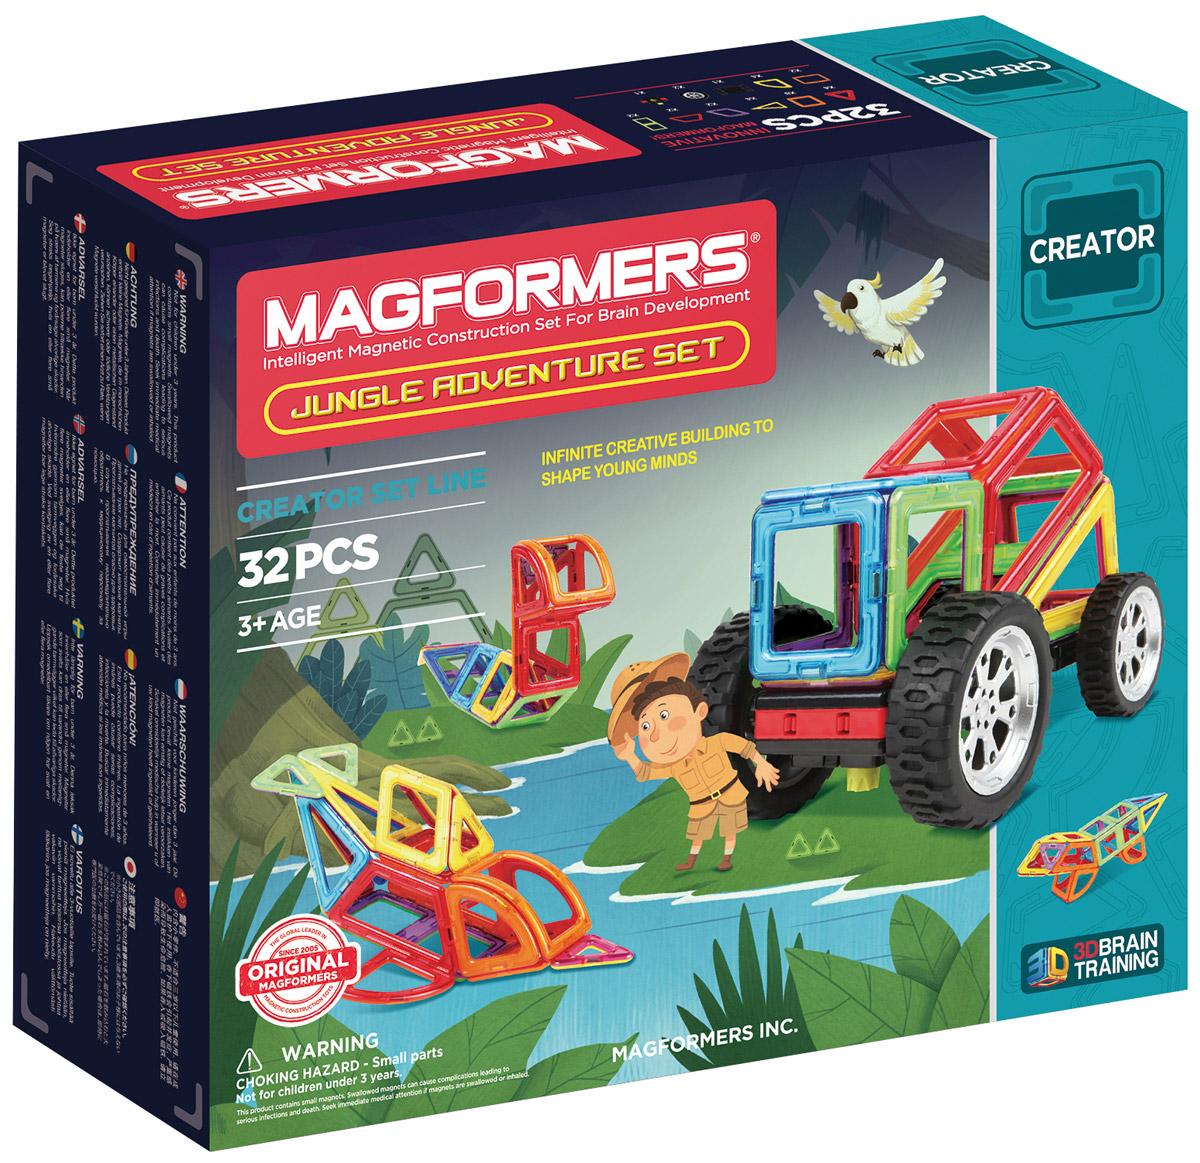 Magformers Магнитный конструктор Jungle Adventure Set magformers магнитный конструктор my first buggy car set цвет красный